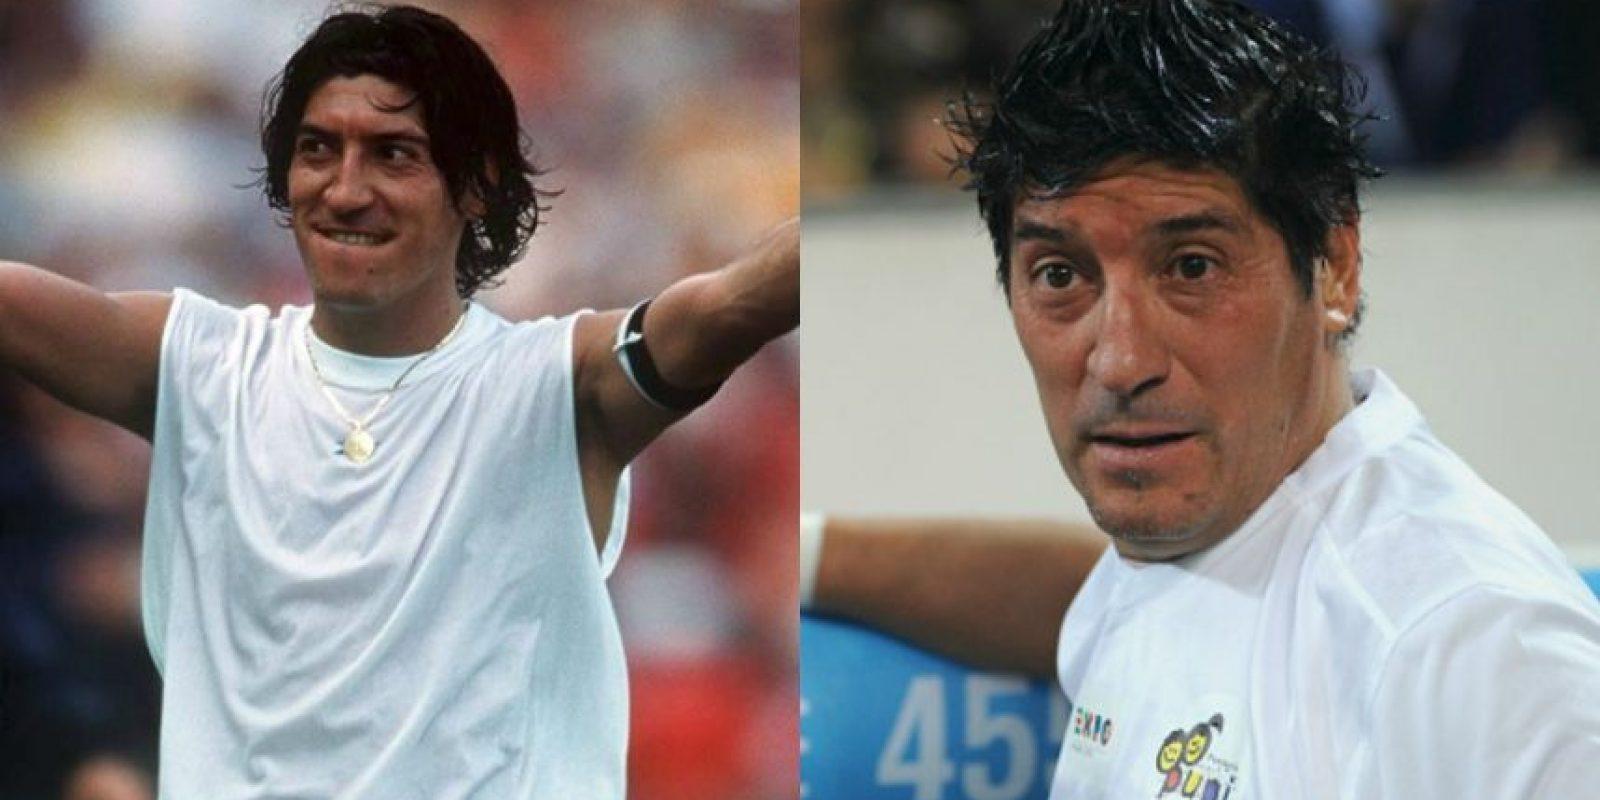 Iván Zamorano: A sus 48 años se dedica a atender negocios personales en Chile. Como futbolista jugó en el Real Madrid e Inter de Milán, principalmente, y se retiró en 2003. Foto:Getty Images